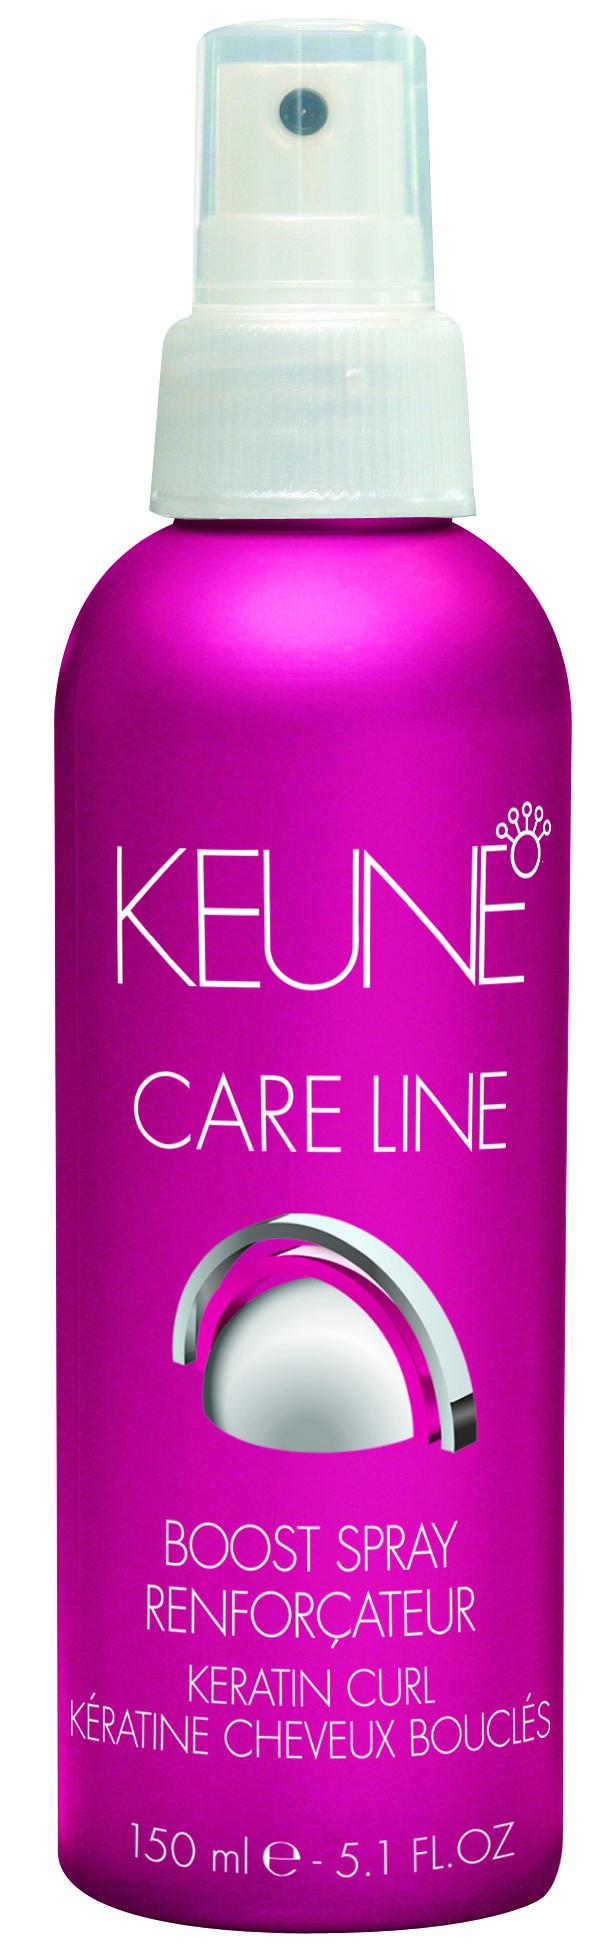 KEUNE Спрей Кэе Лайн Кератиновый локон / CL KERATIN CURL BOOST SPRAY 150мл keune кондиционер спрей 2 фазный для кудрявых волос кэе лайн cl control 2 phase spray 400мл